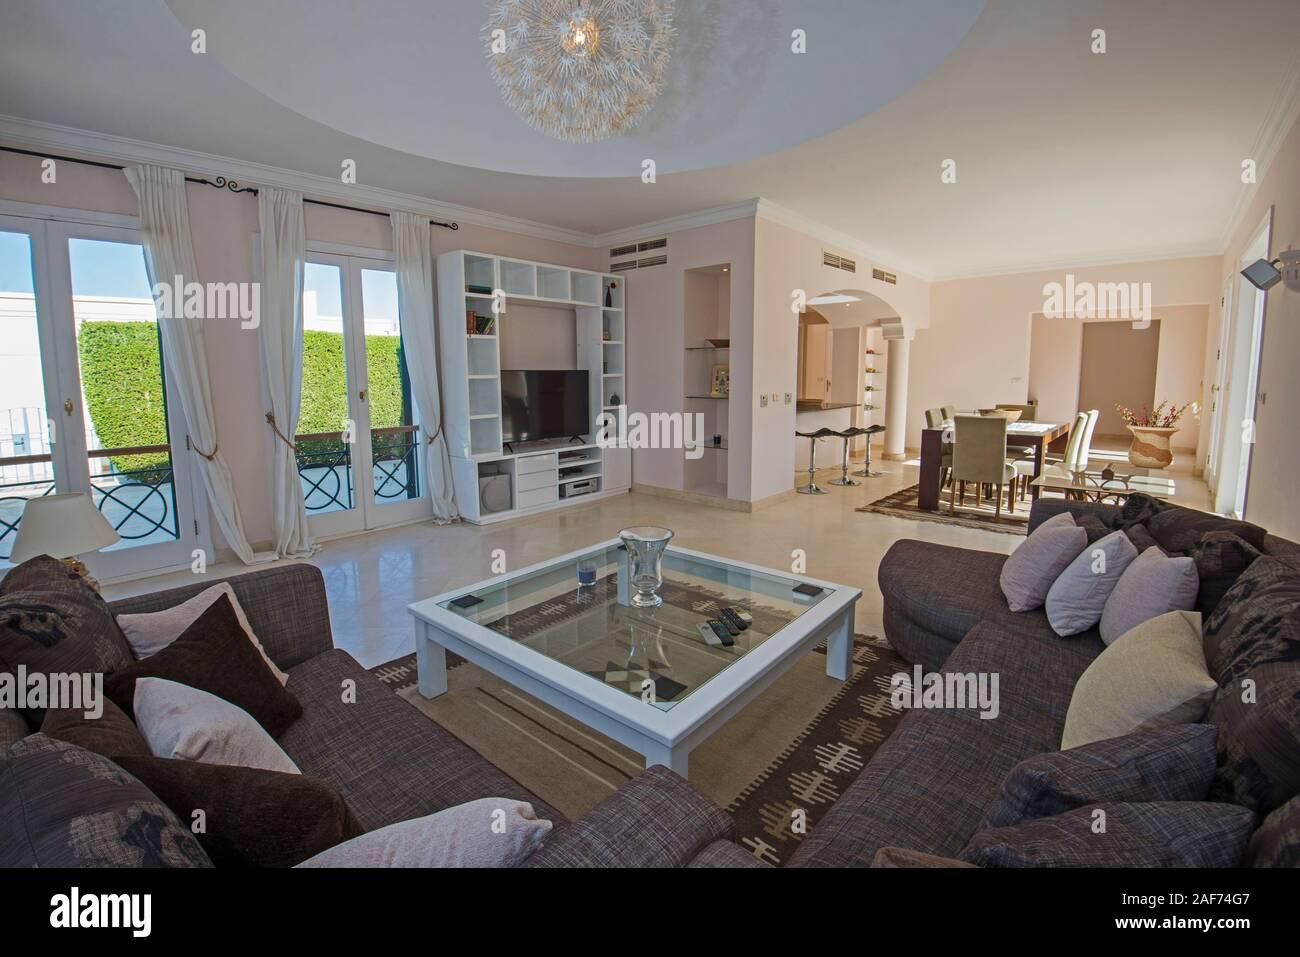 Living Room Lounge In Luxus Villa Zeigen Home Ubersicht Interior Design Einrichtung Und Moblierung Mit Offener Kuche Und Essbereich Stockfotografie Alamy